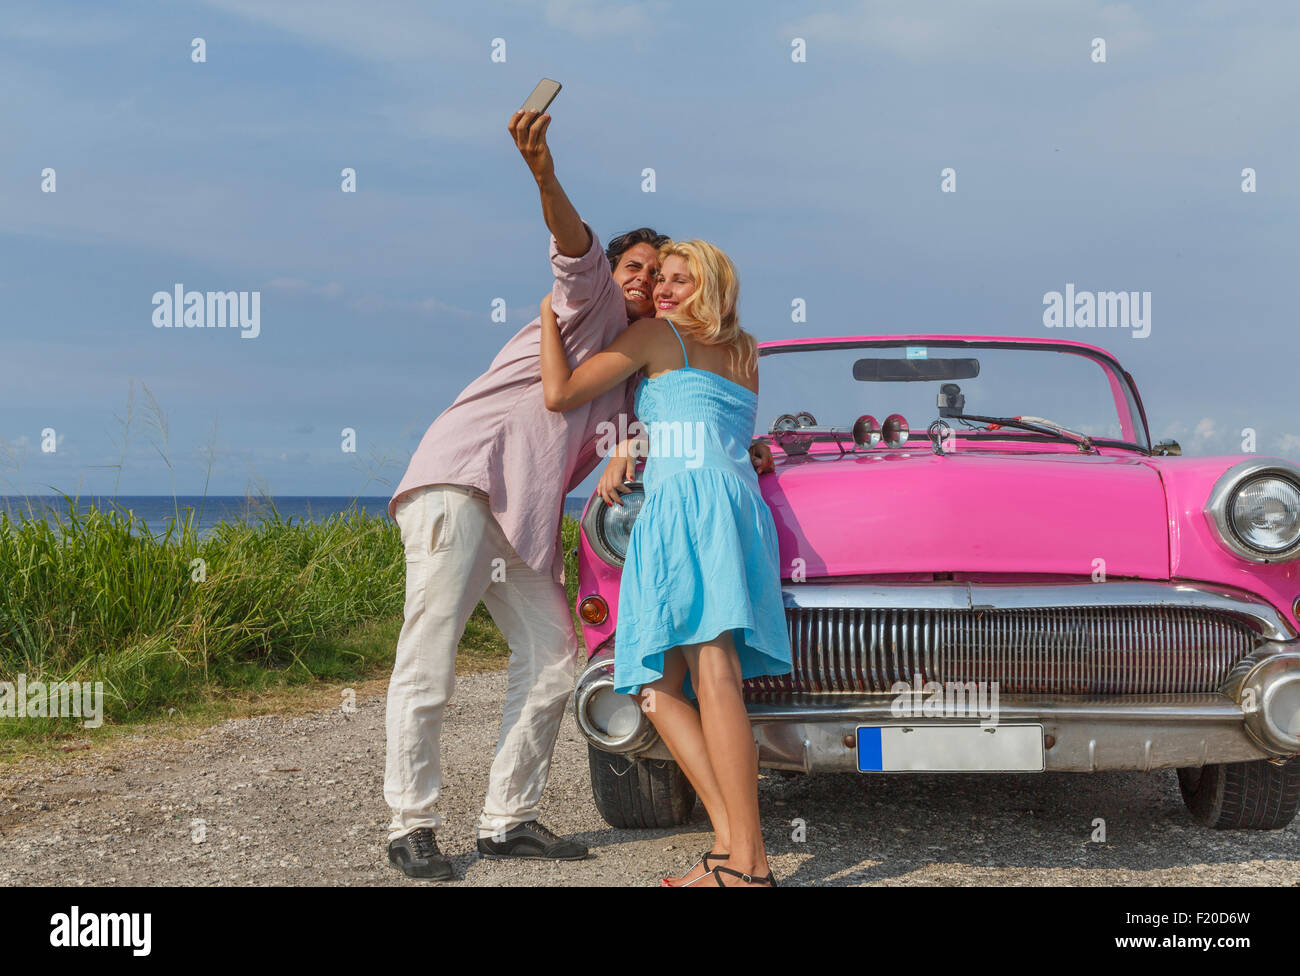 Junges Paar posieren für Selfie mit Oldtimer Cabrio, Havanna, Kuba Stockbild